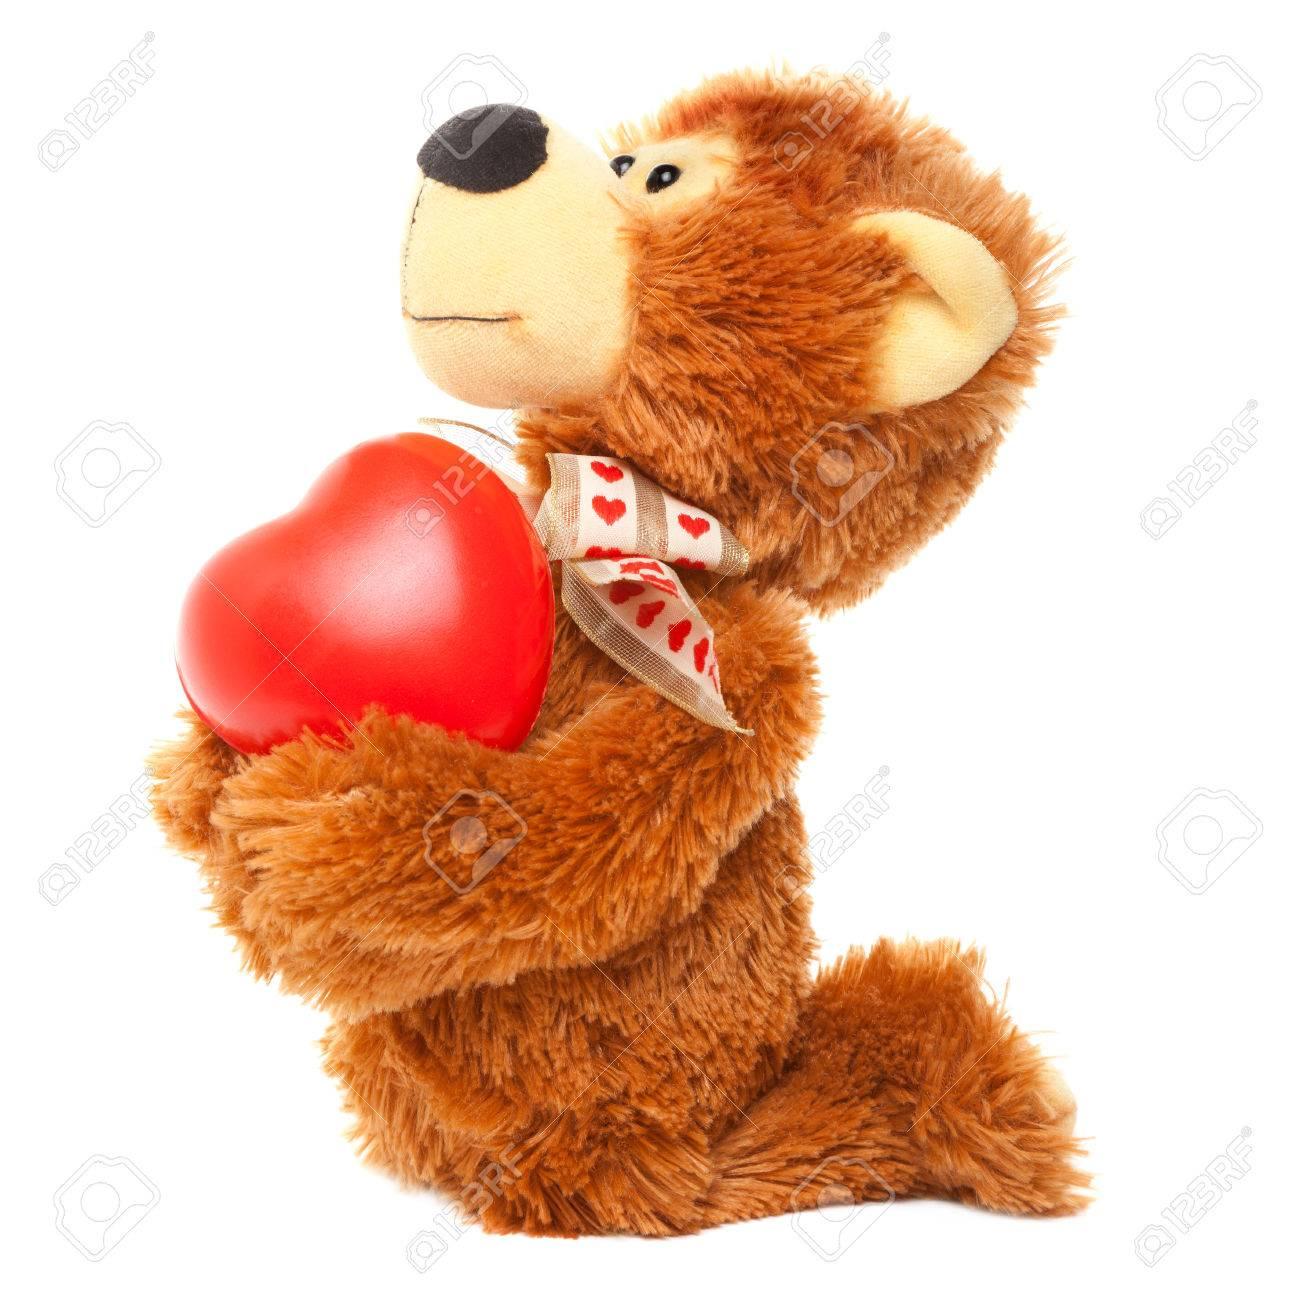 banque dimages ours en peluche se mettre genou et donnant le coeur - Ours Coeur